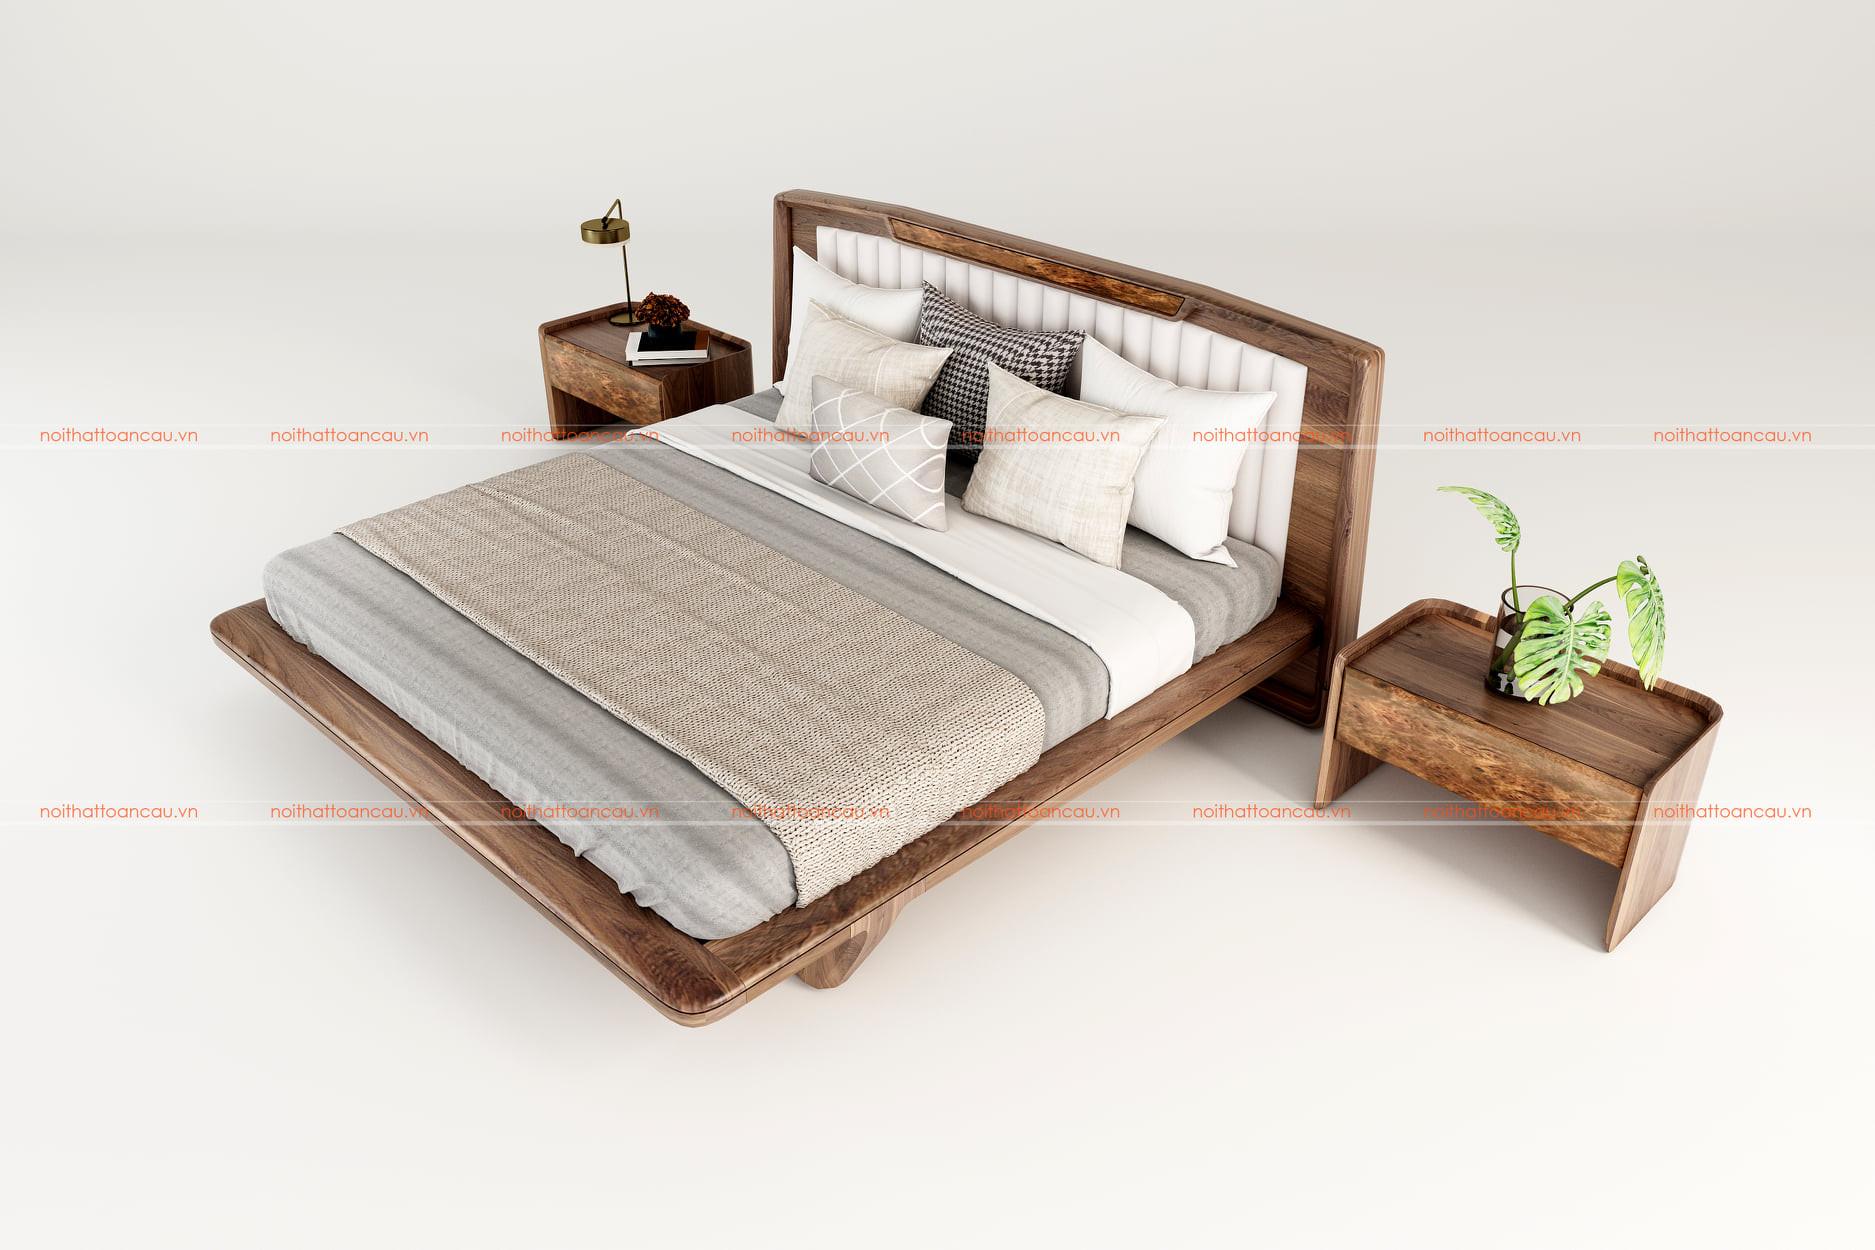 Giường gỗ óc chó hiện đại 1170 d